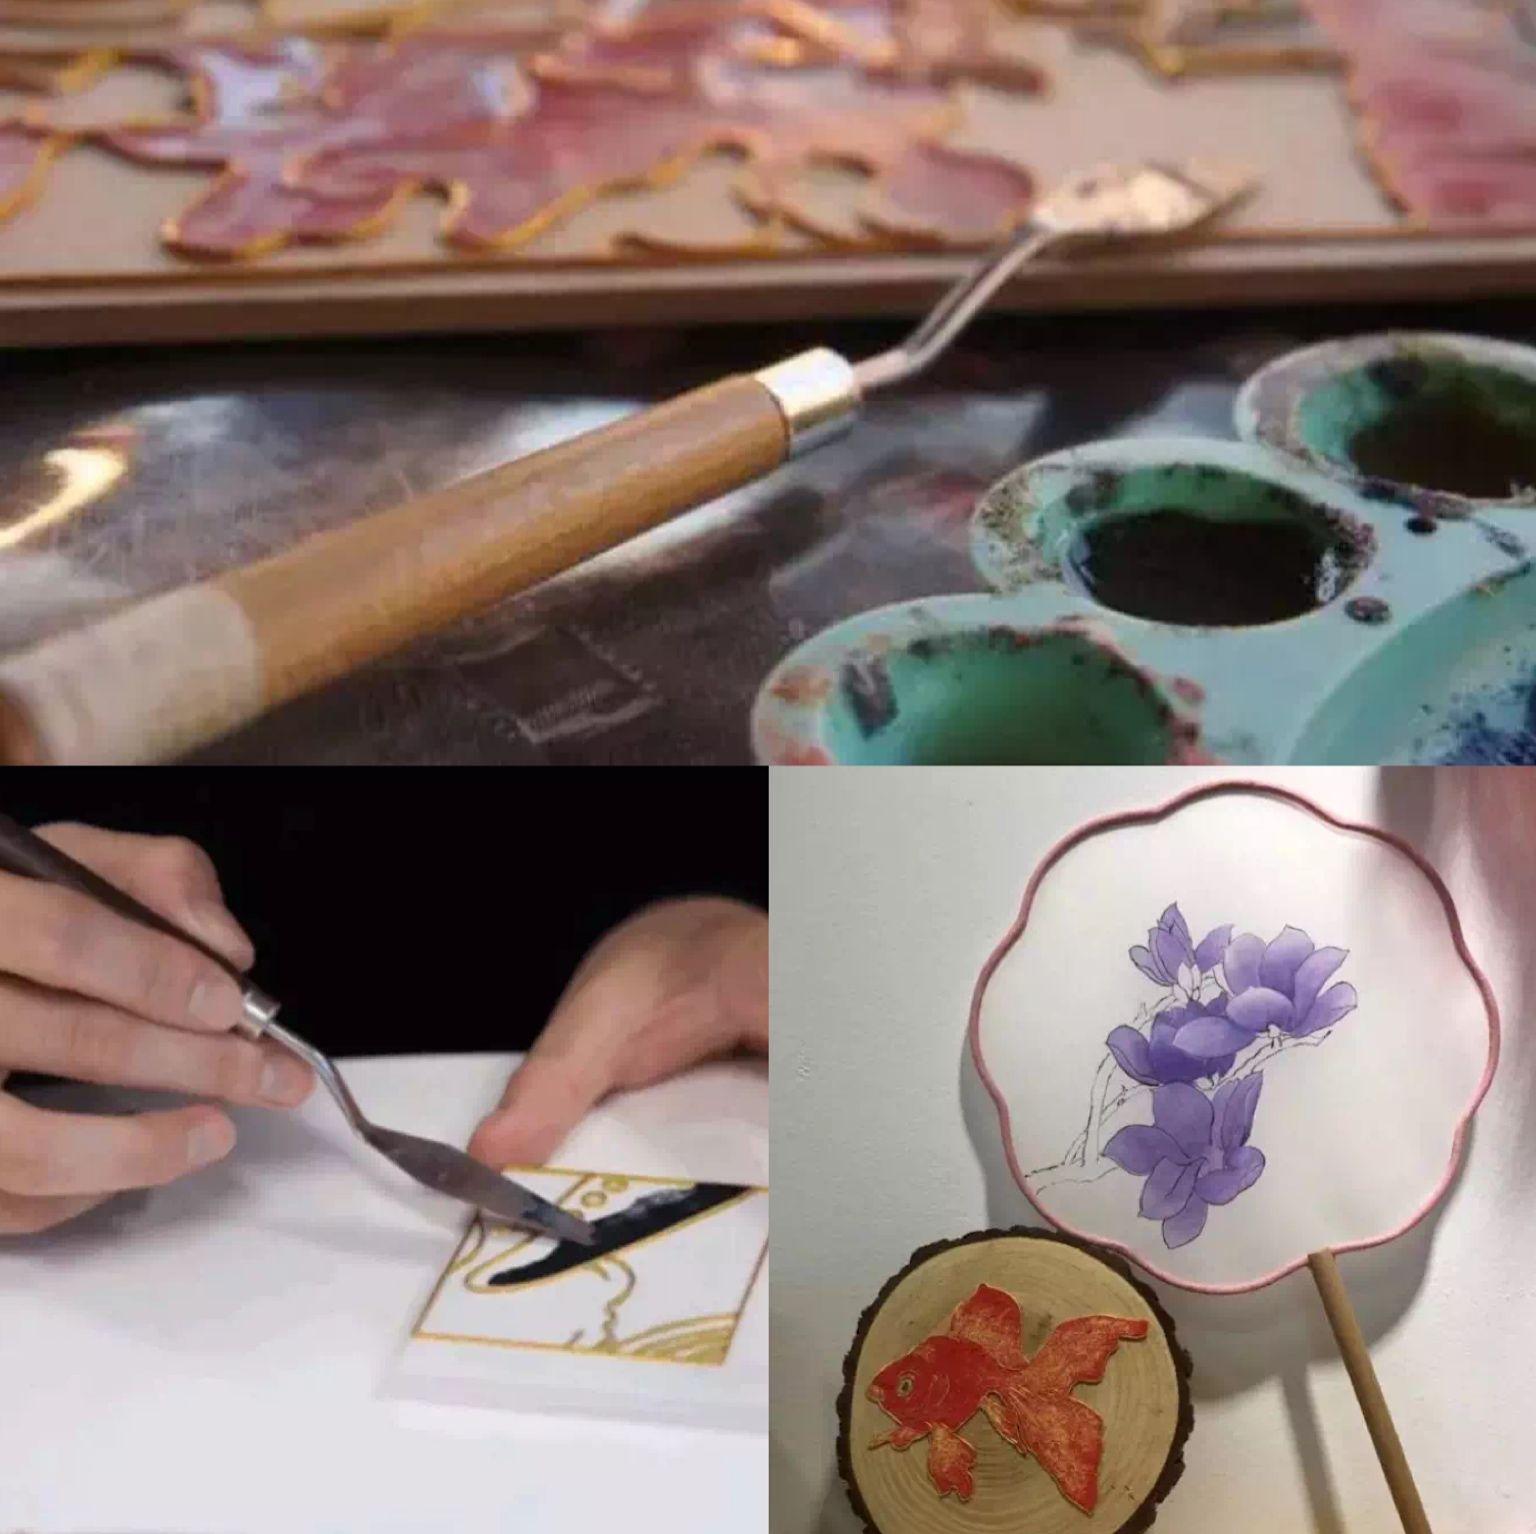 好玩│掐絲填釉、編制花絲,體驗匠人、匠心